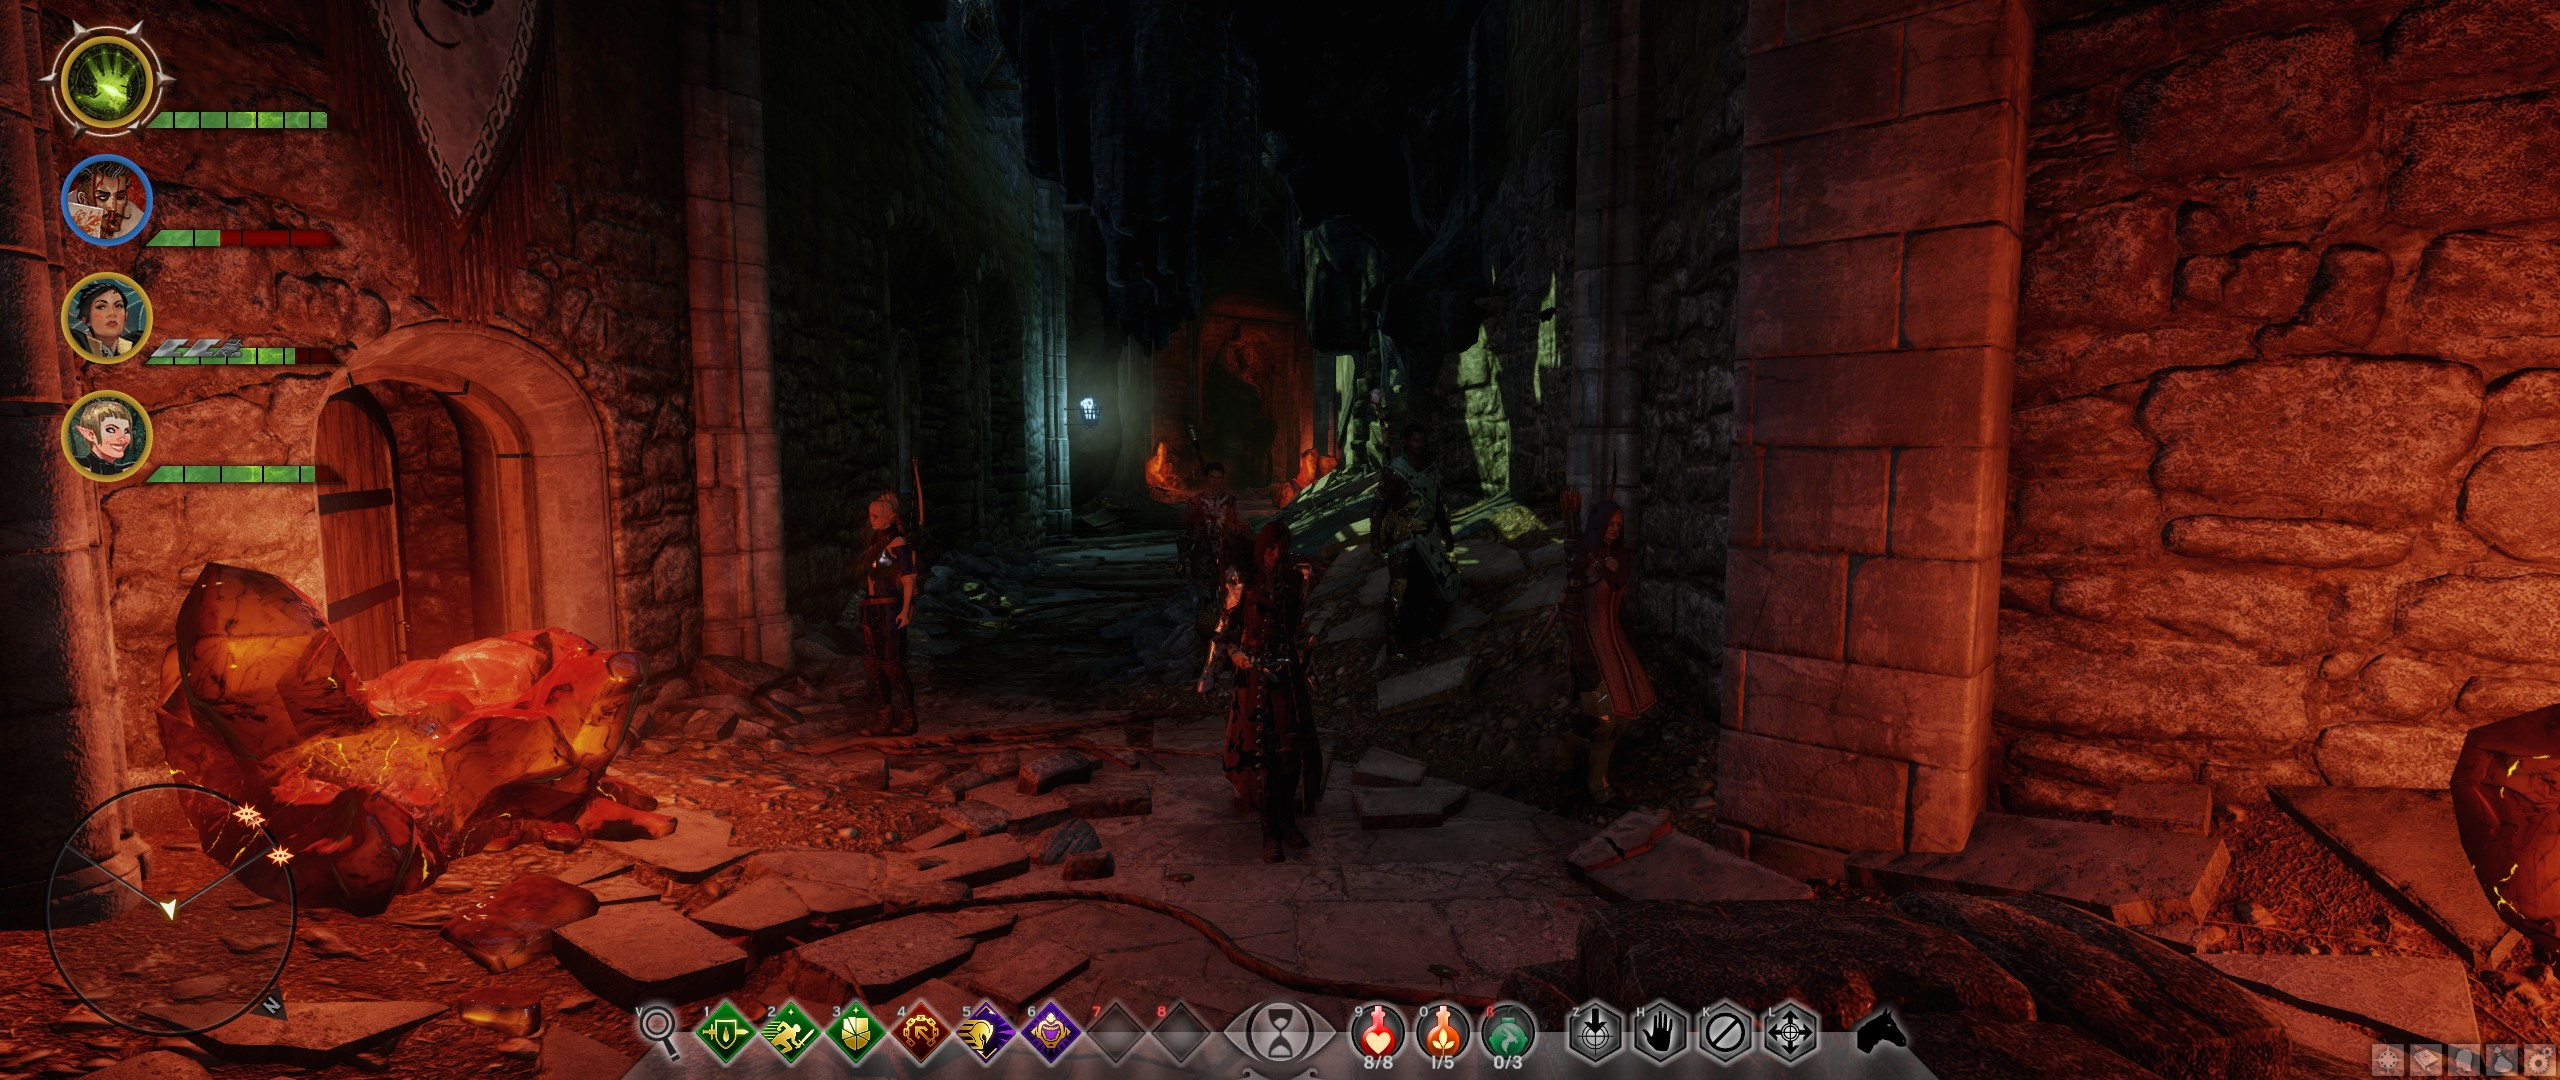 ScreenshotWin32_0064_Final